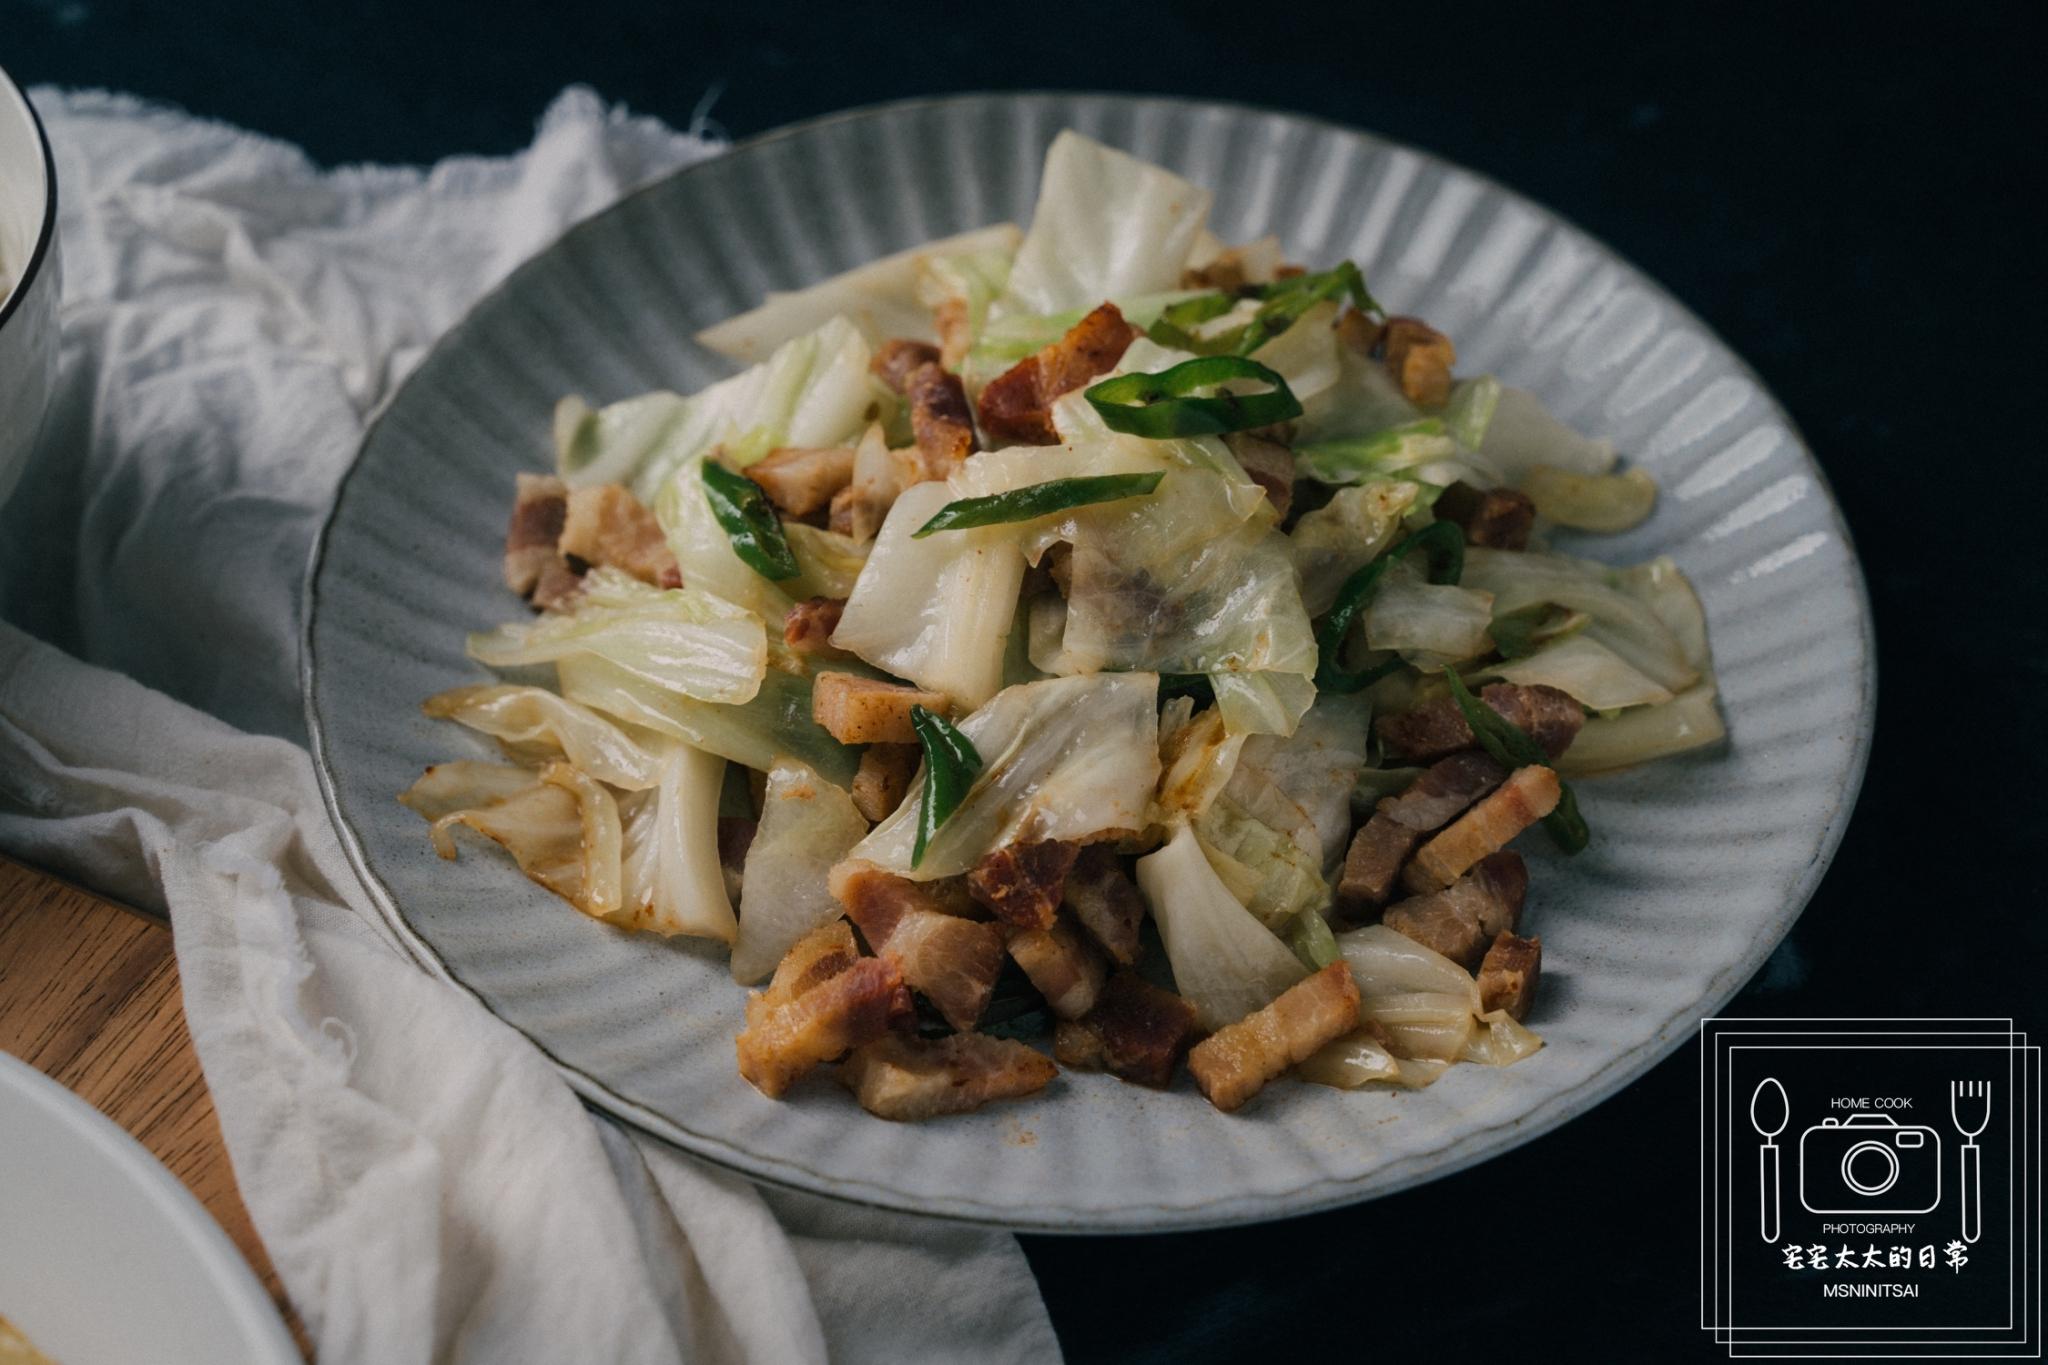 宅宅太太,豆腐料理 @陳小可的吃喝玩樂